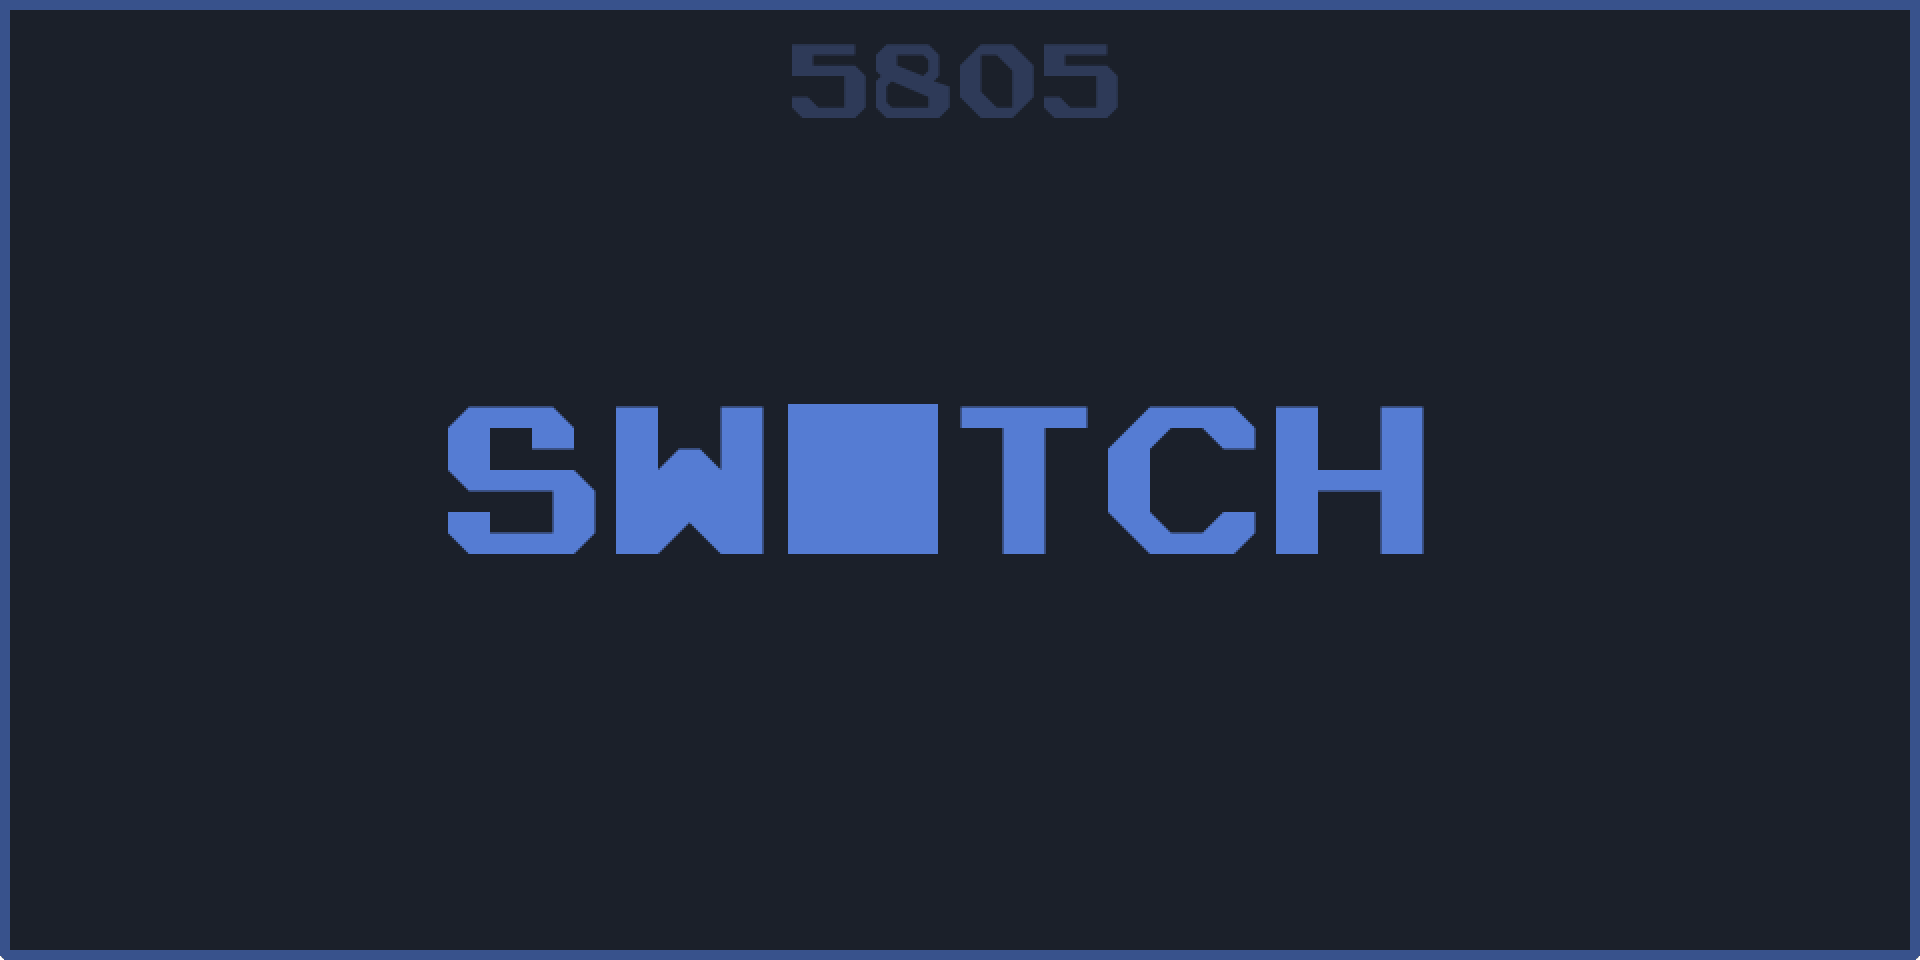 Swotch